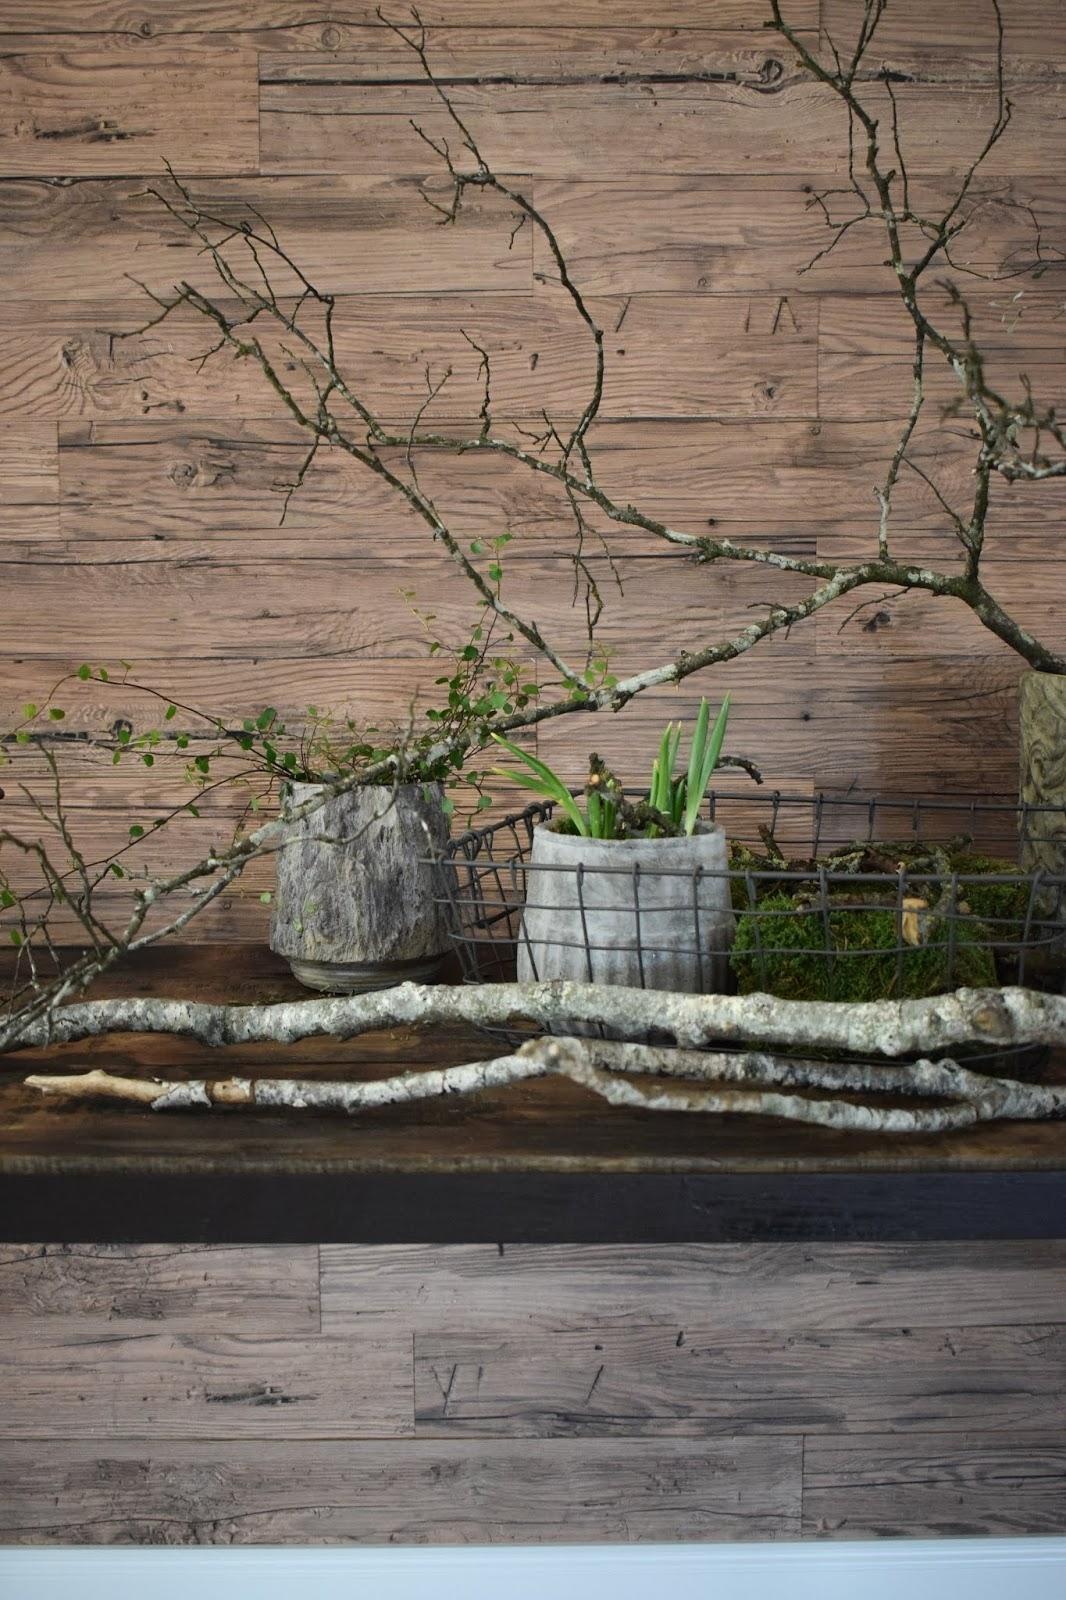 Holzverkleidung für die Wand mit Wandwood Paneele einfach kleben. Holzwand verkleiden und selbermachen. Wandgestaltung für Wohnzimmer aus Holz. Ideen für innen. DIY Verkleidung aus Holz selber anbringen Renovierung renovieren